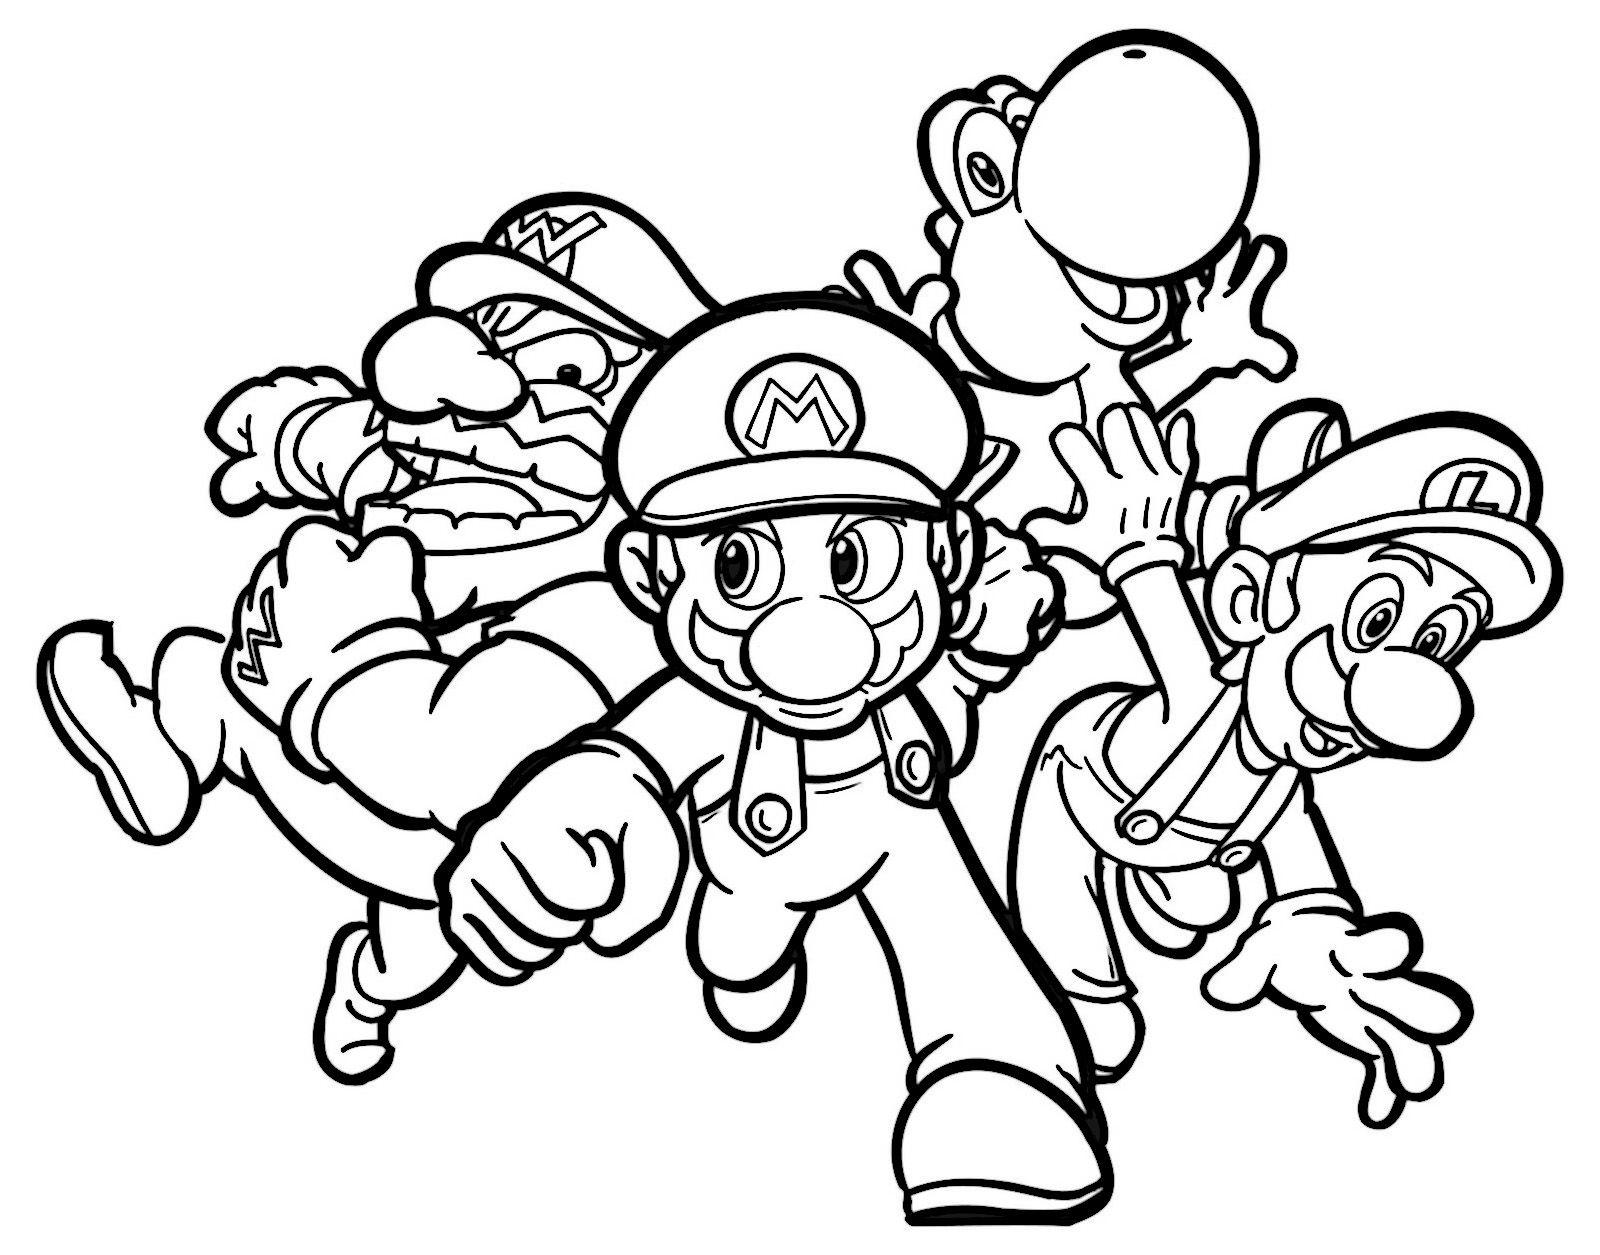 Mario Bros 7 Ausmalbilder für Kinder. Malvorlagen zum ausdrucken